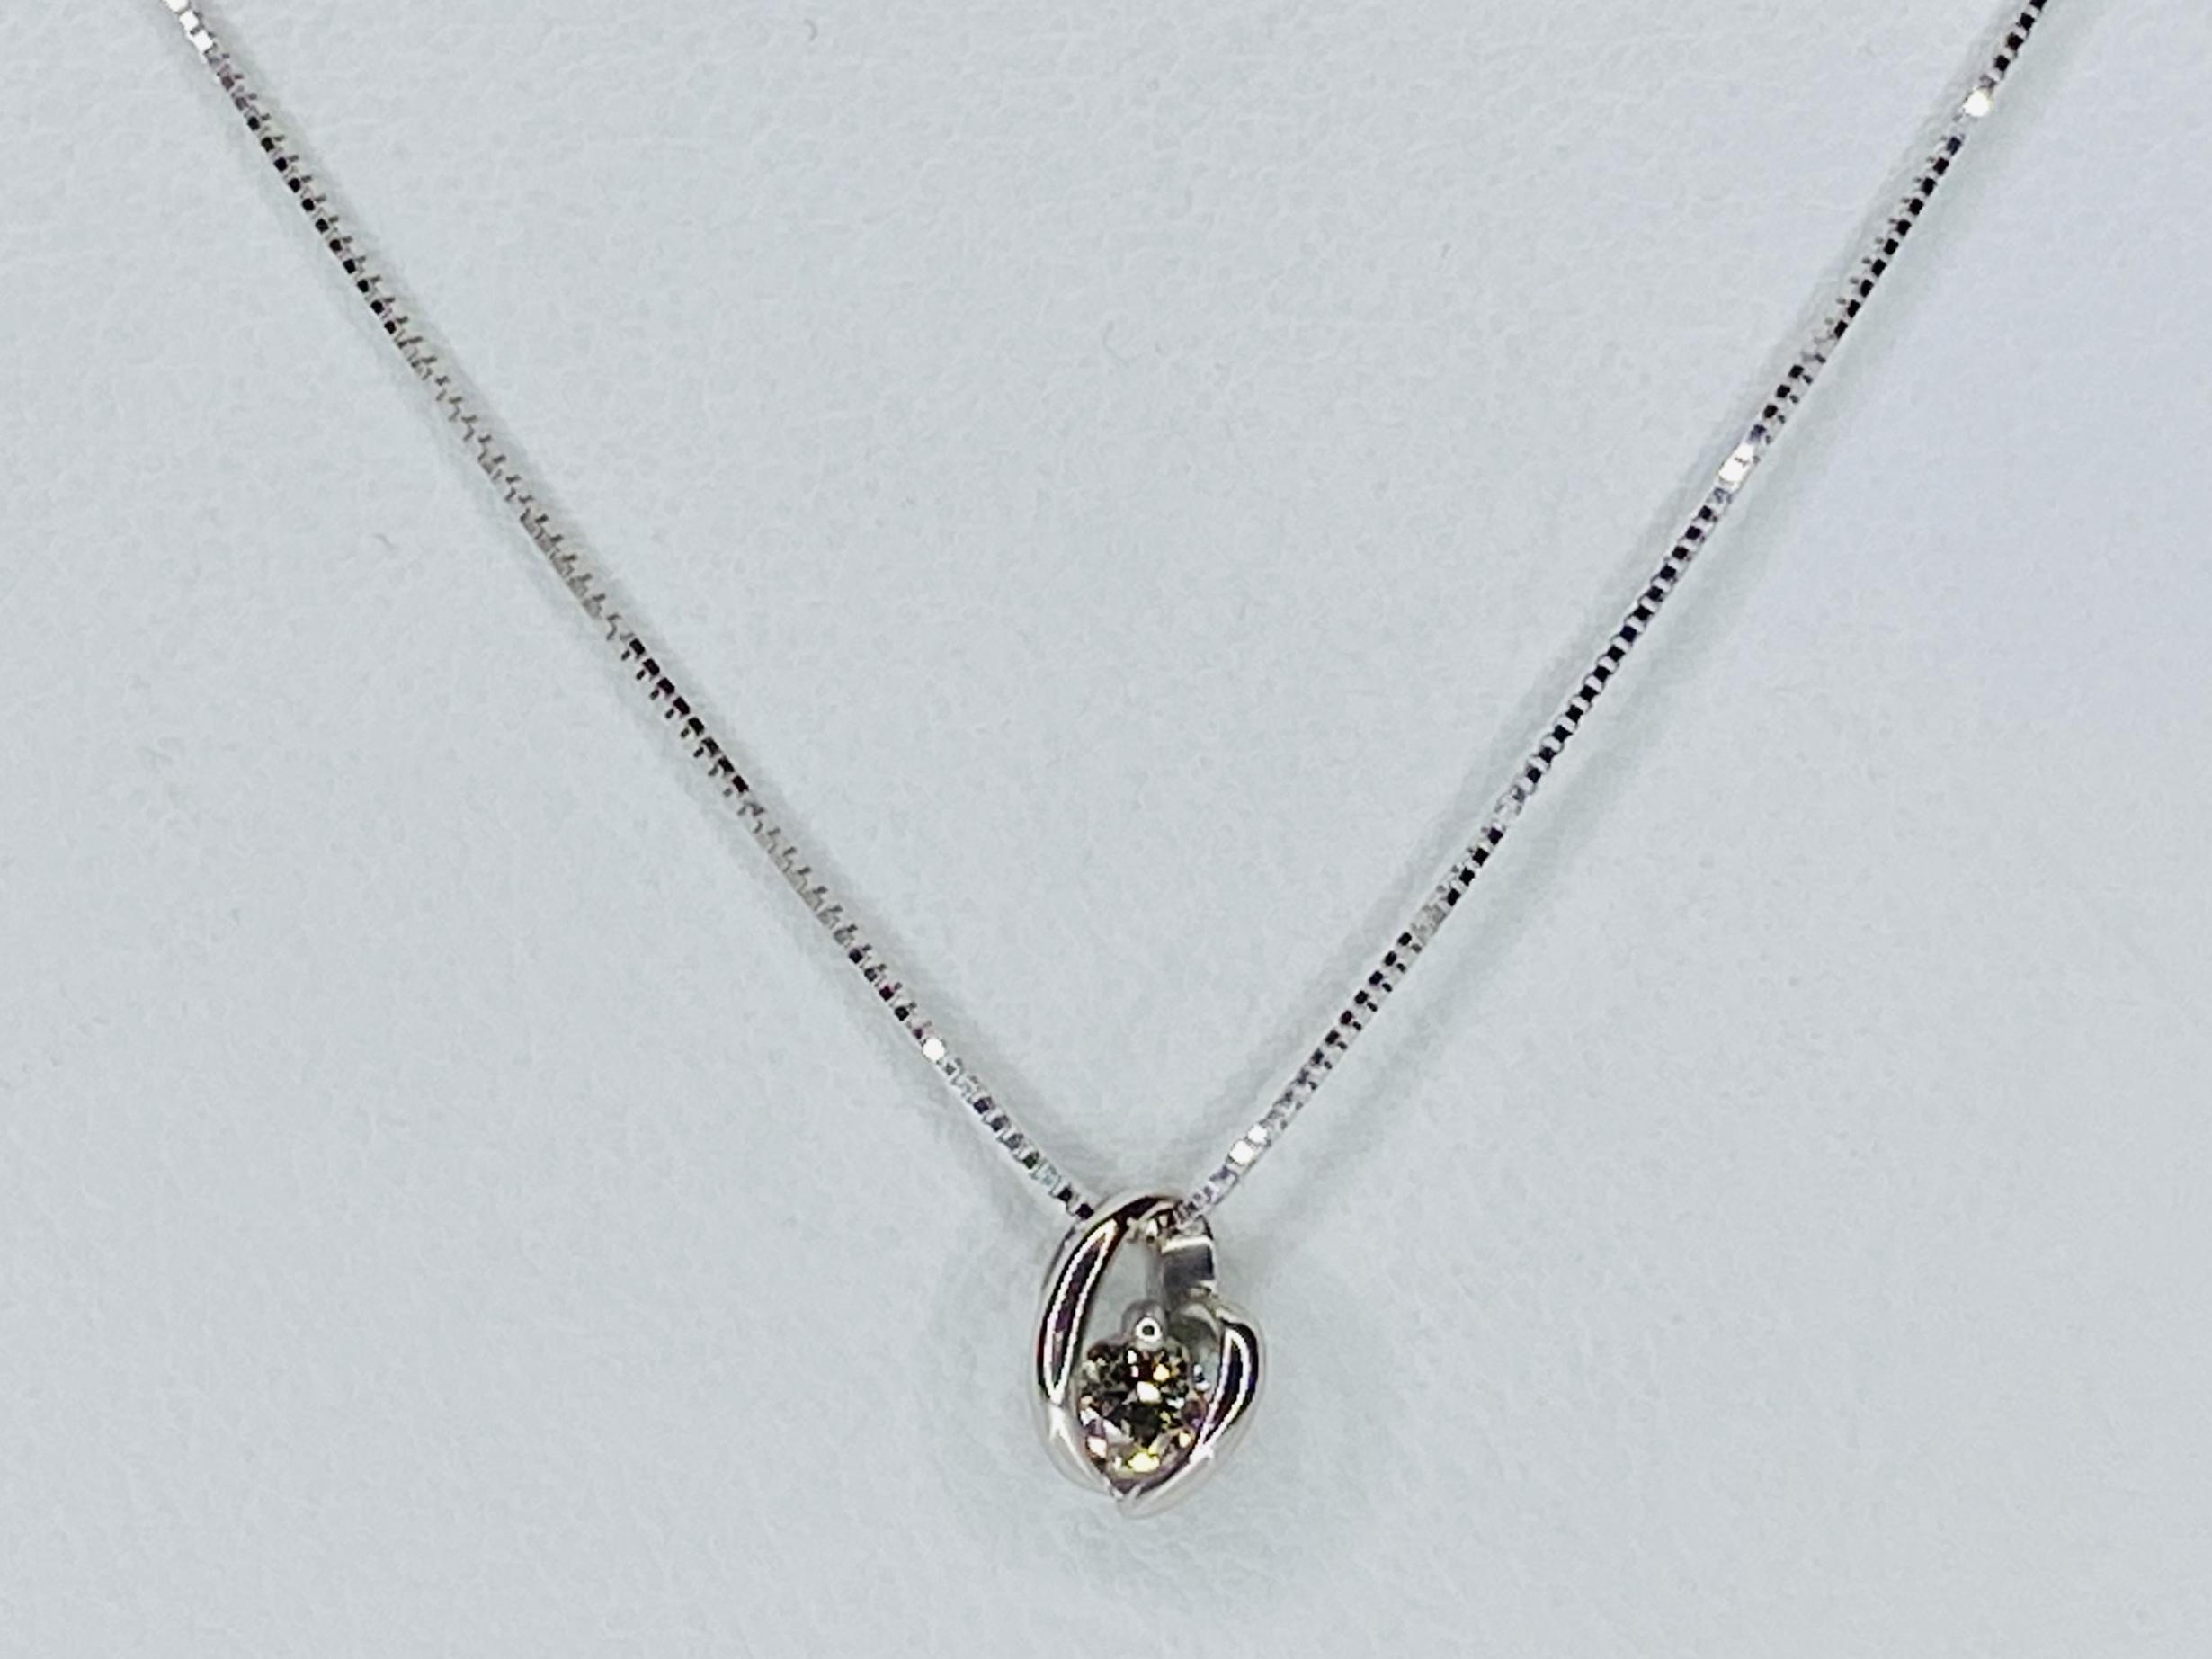 K18 WG 0.1ct ダイヤモンドネックレス ○